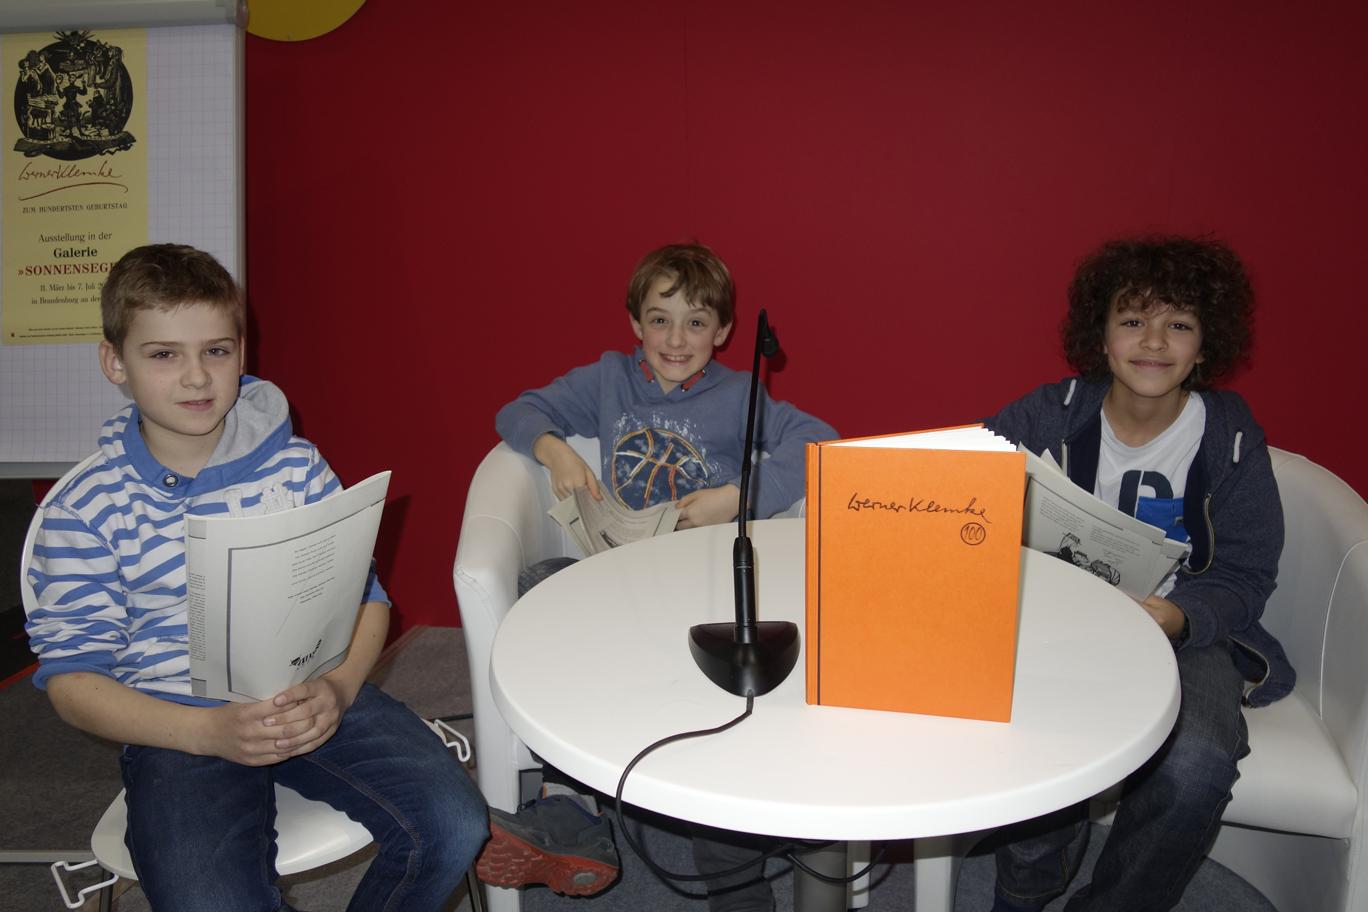 Franz, Jakob und Junes (v.l.) freuen sich, dass die Lesung gleich beginnt.